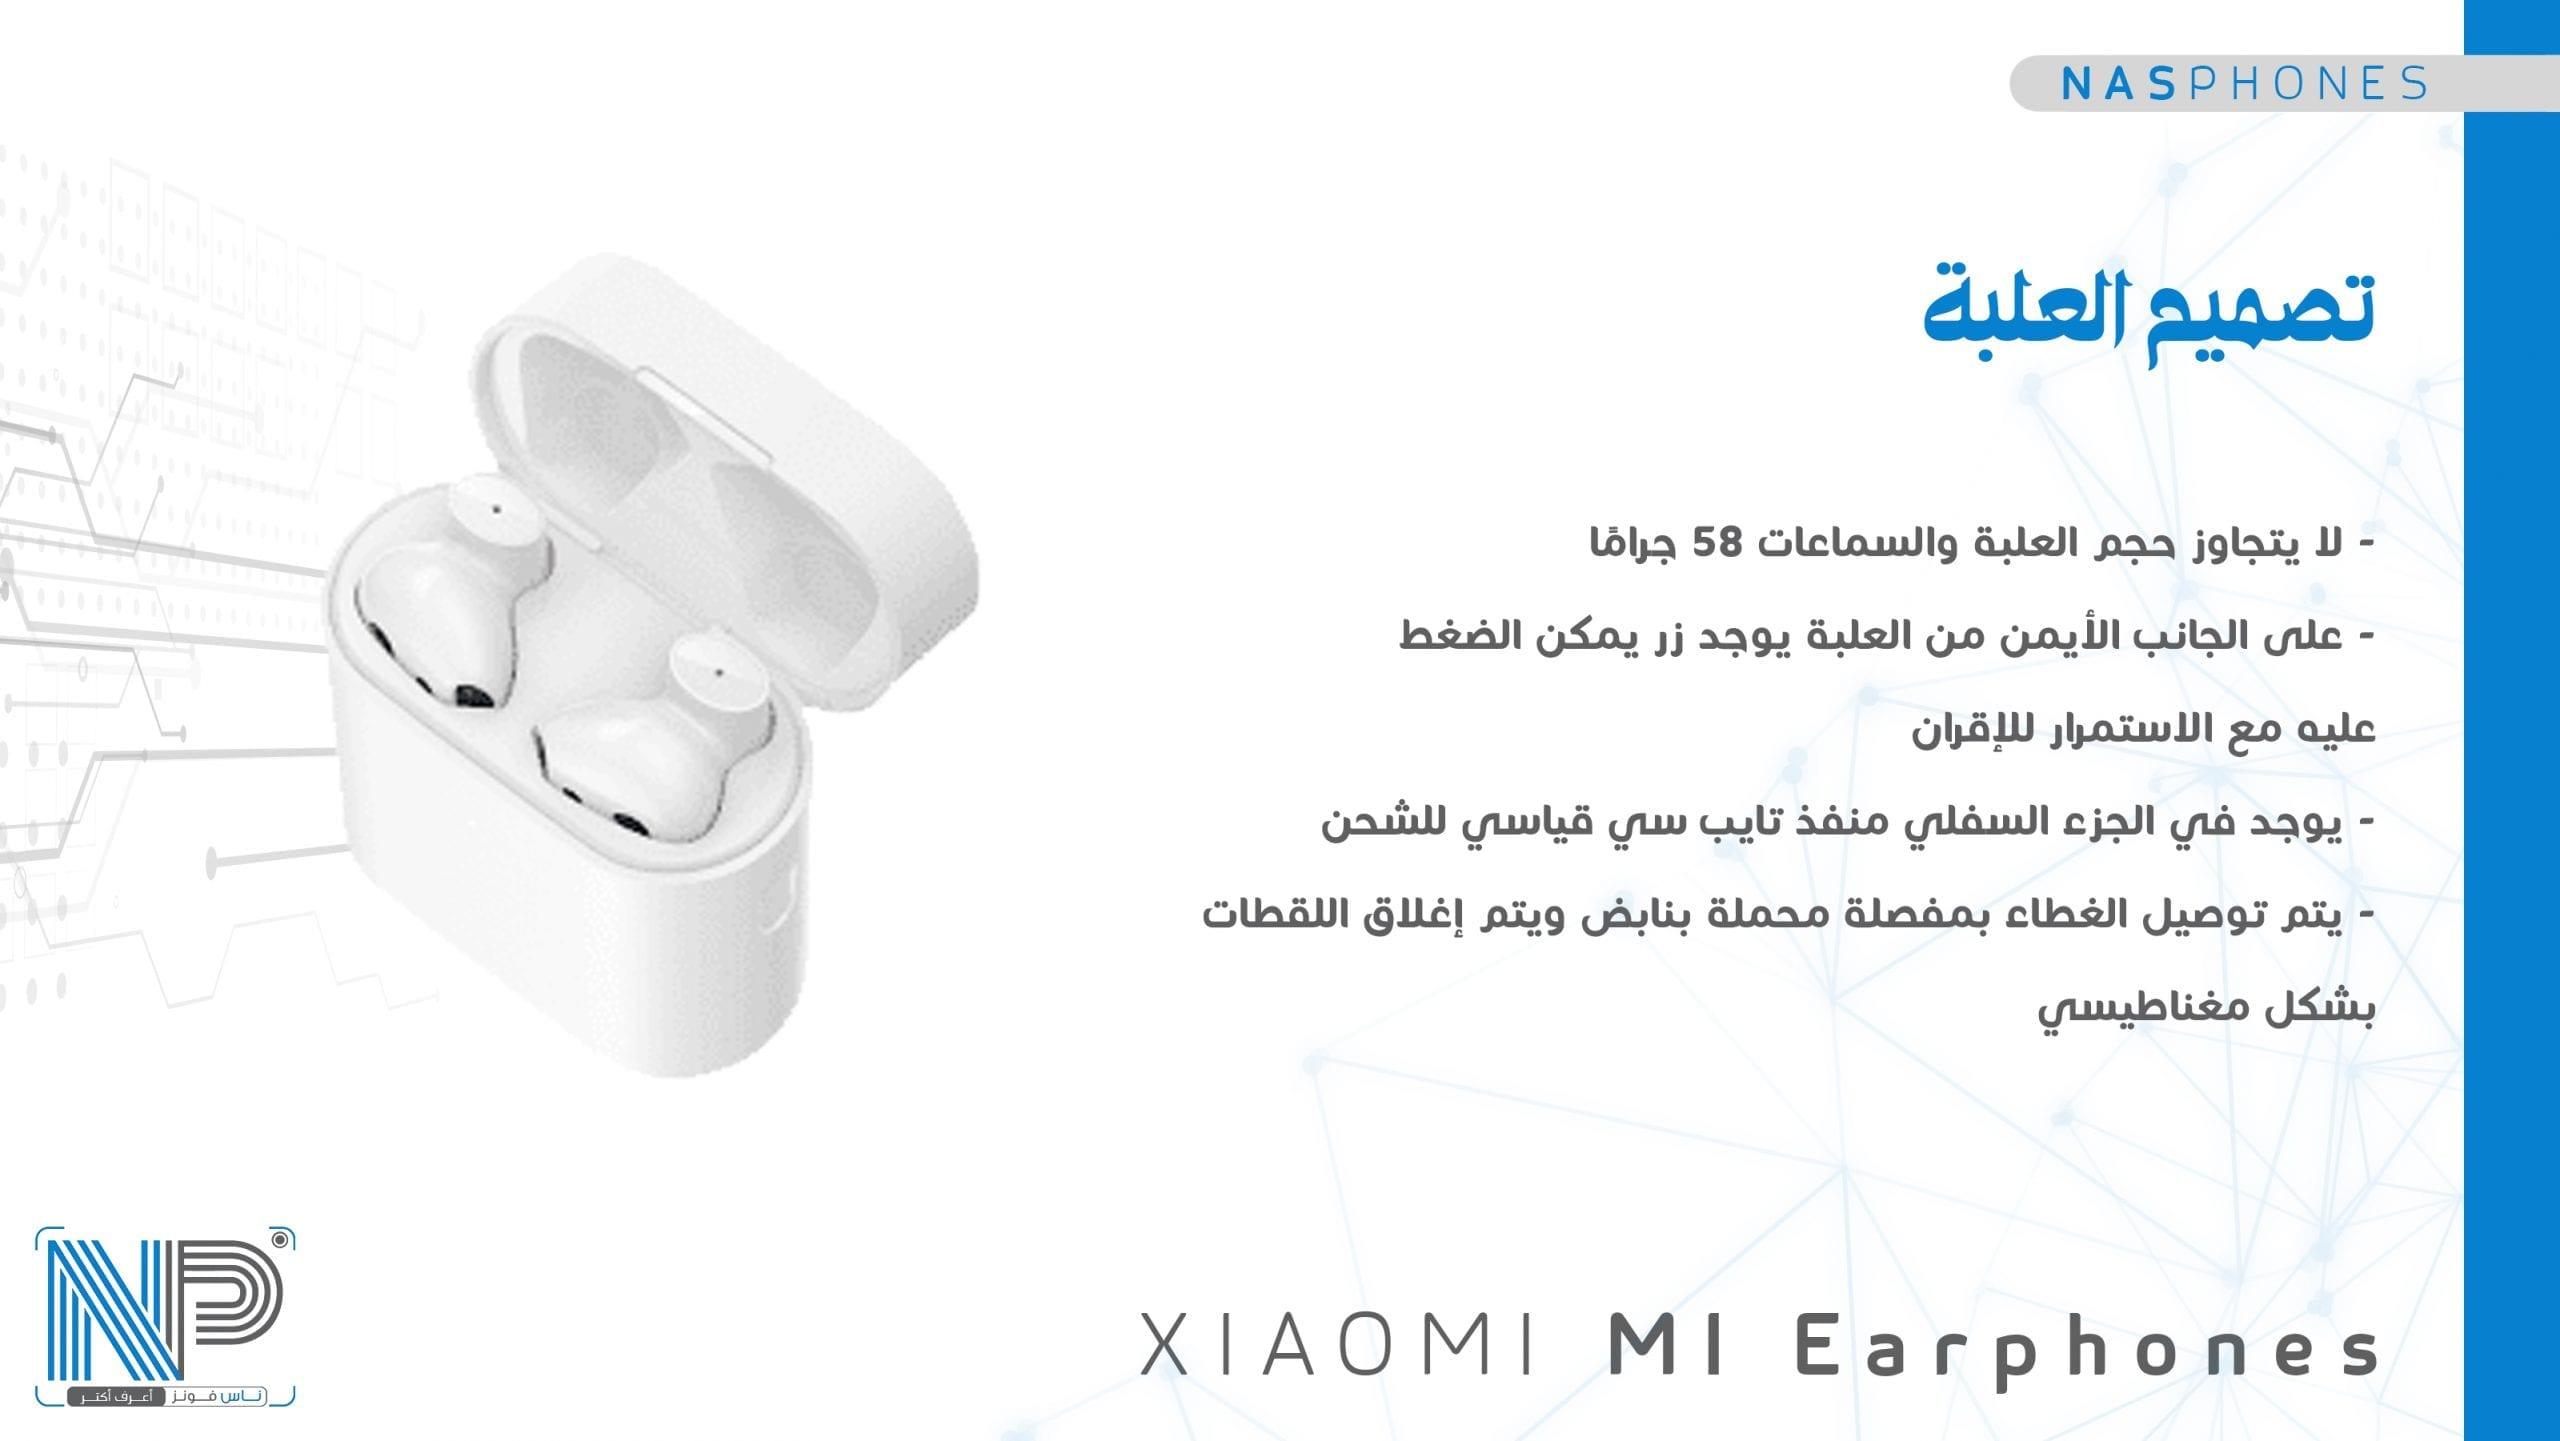 تصميم العلبة الخارجية لـ Xiaomi mi earphones